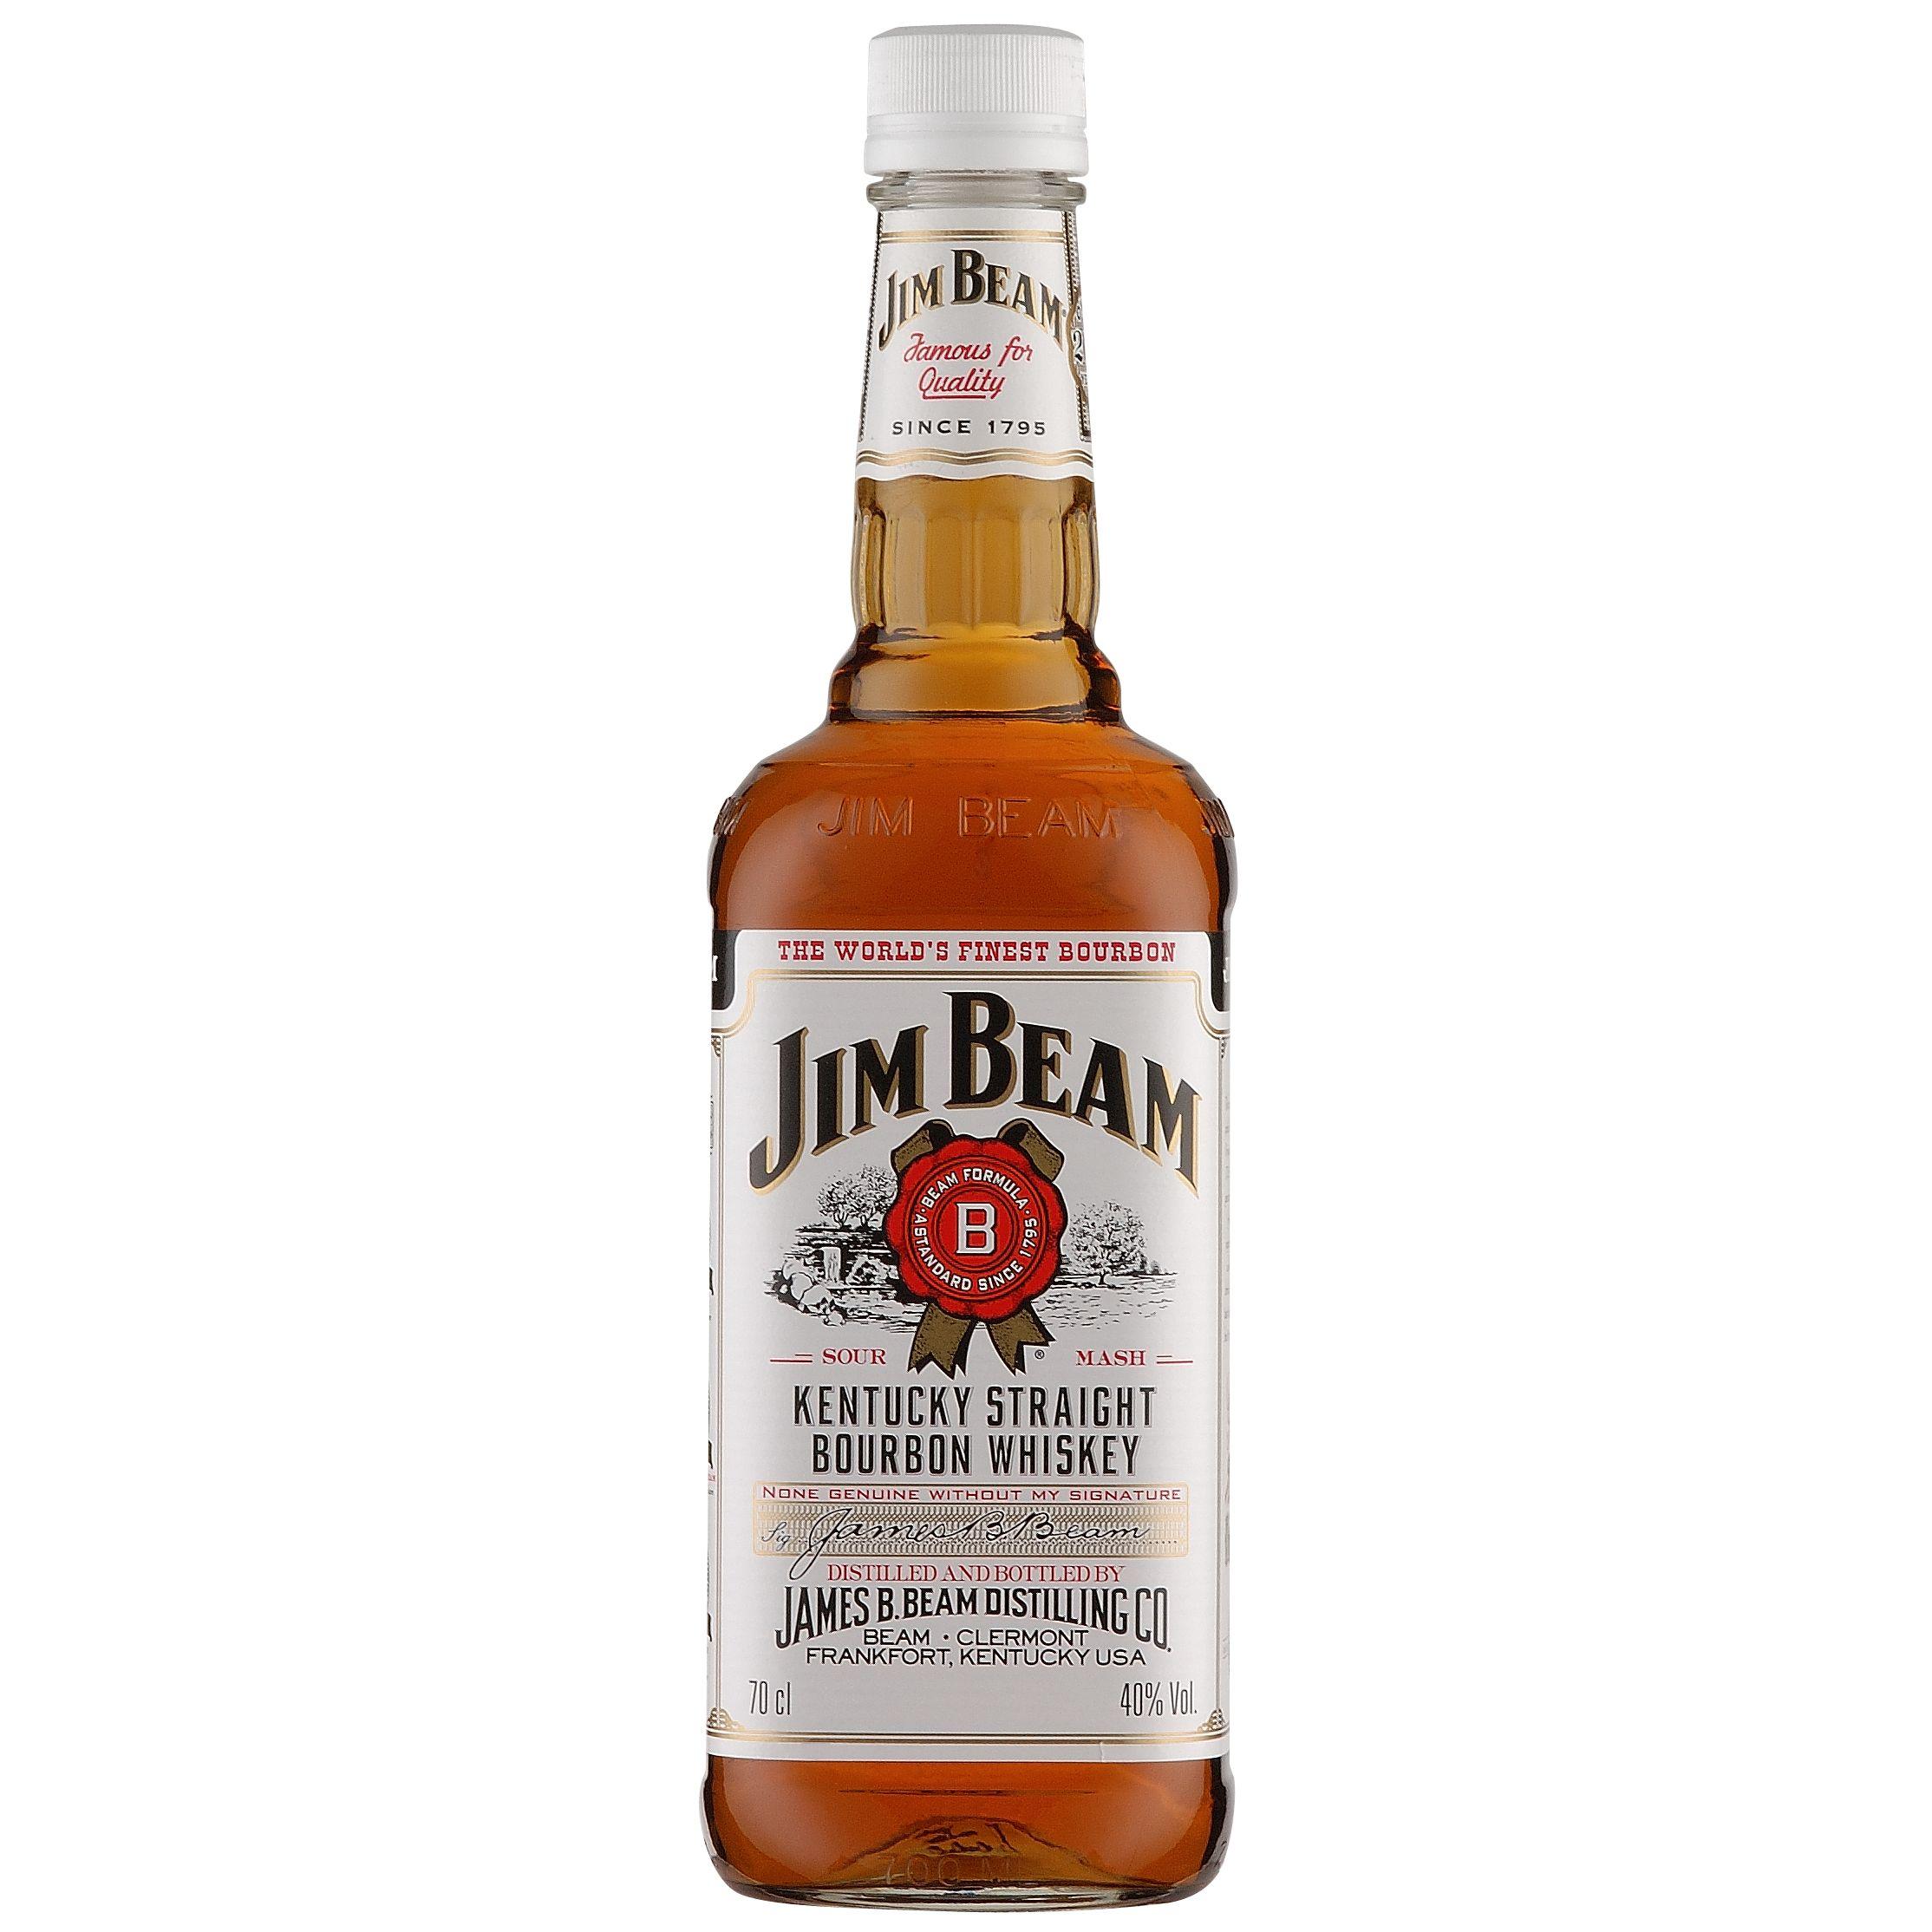 Jim Beam Bourbon Whiskey at John Lewis